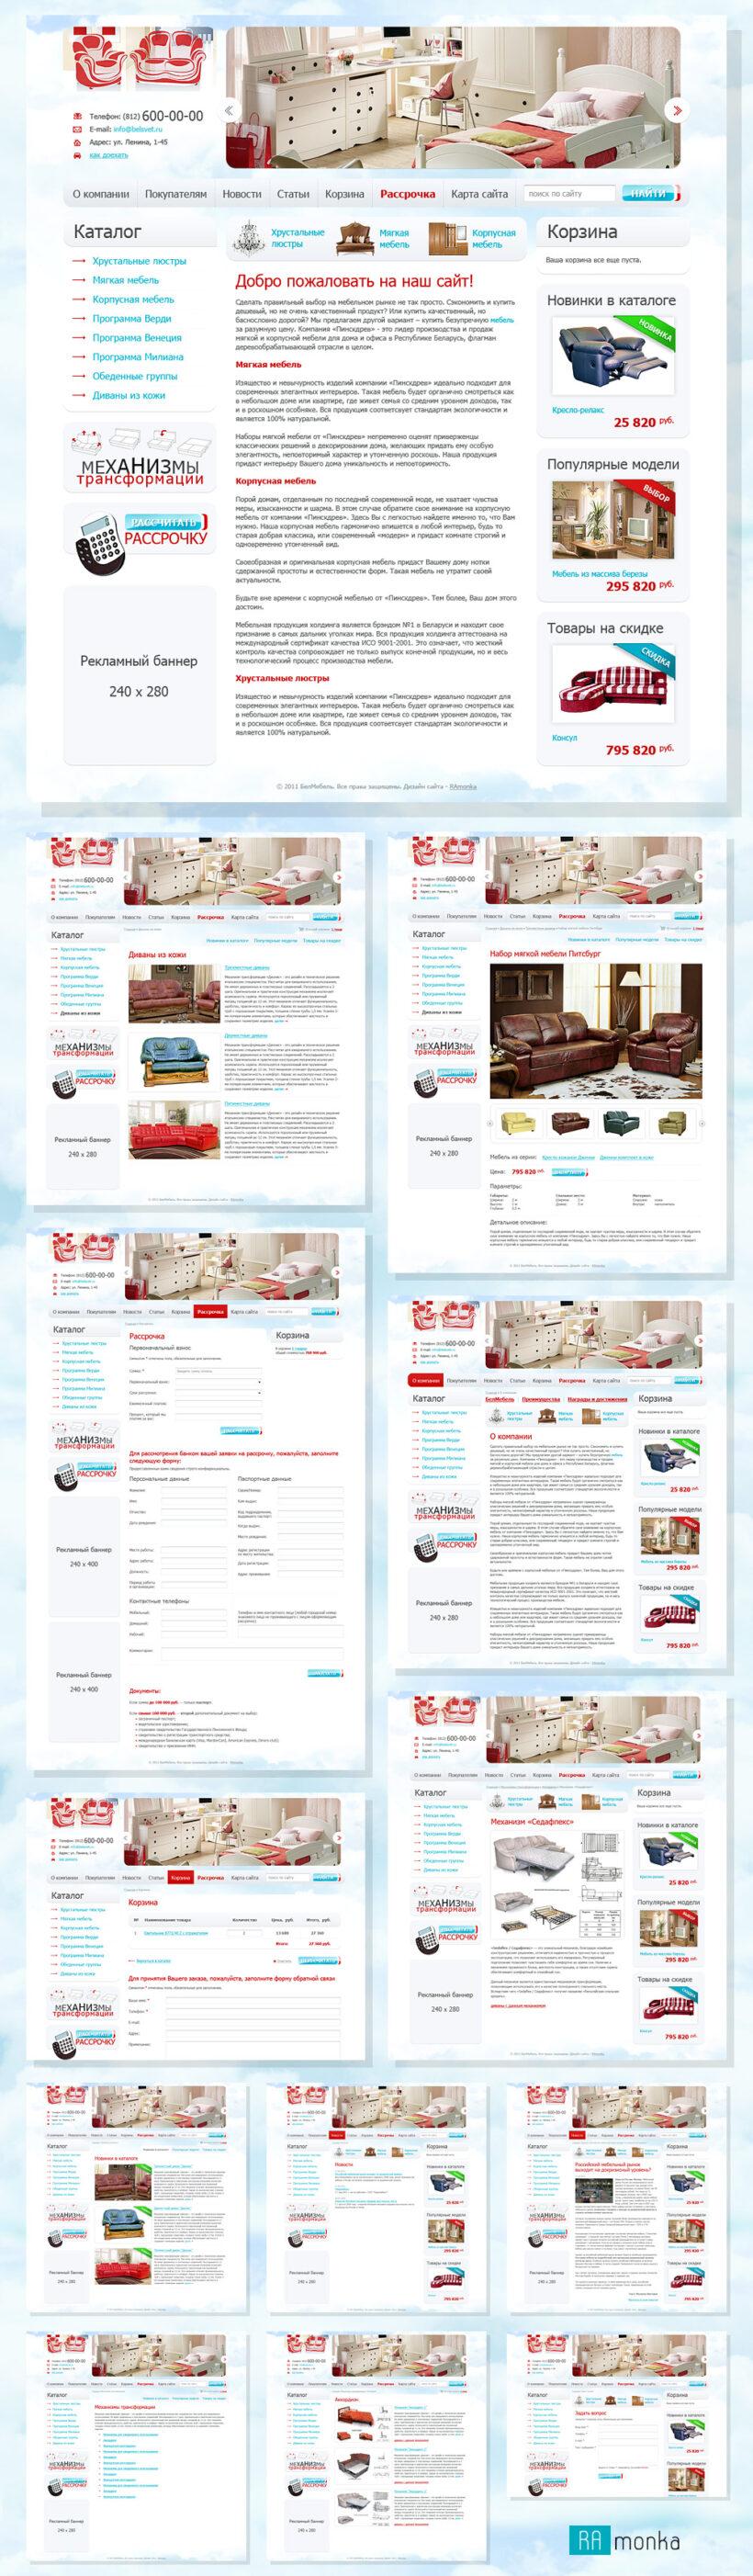 Web Design for Furniture Offline and Online Store BelMebel